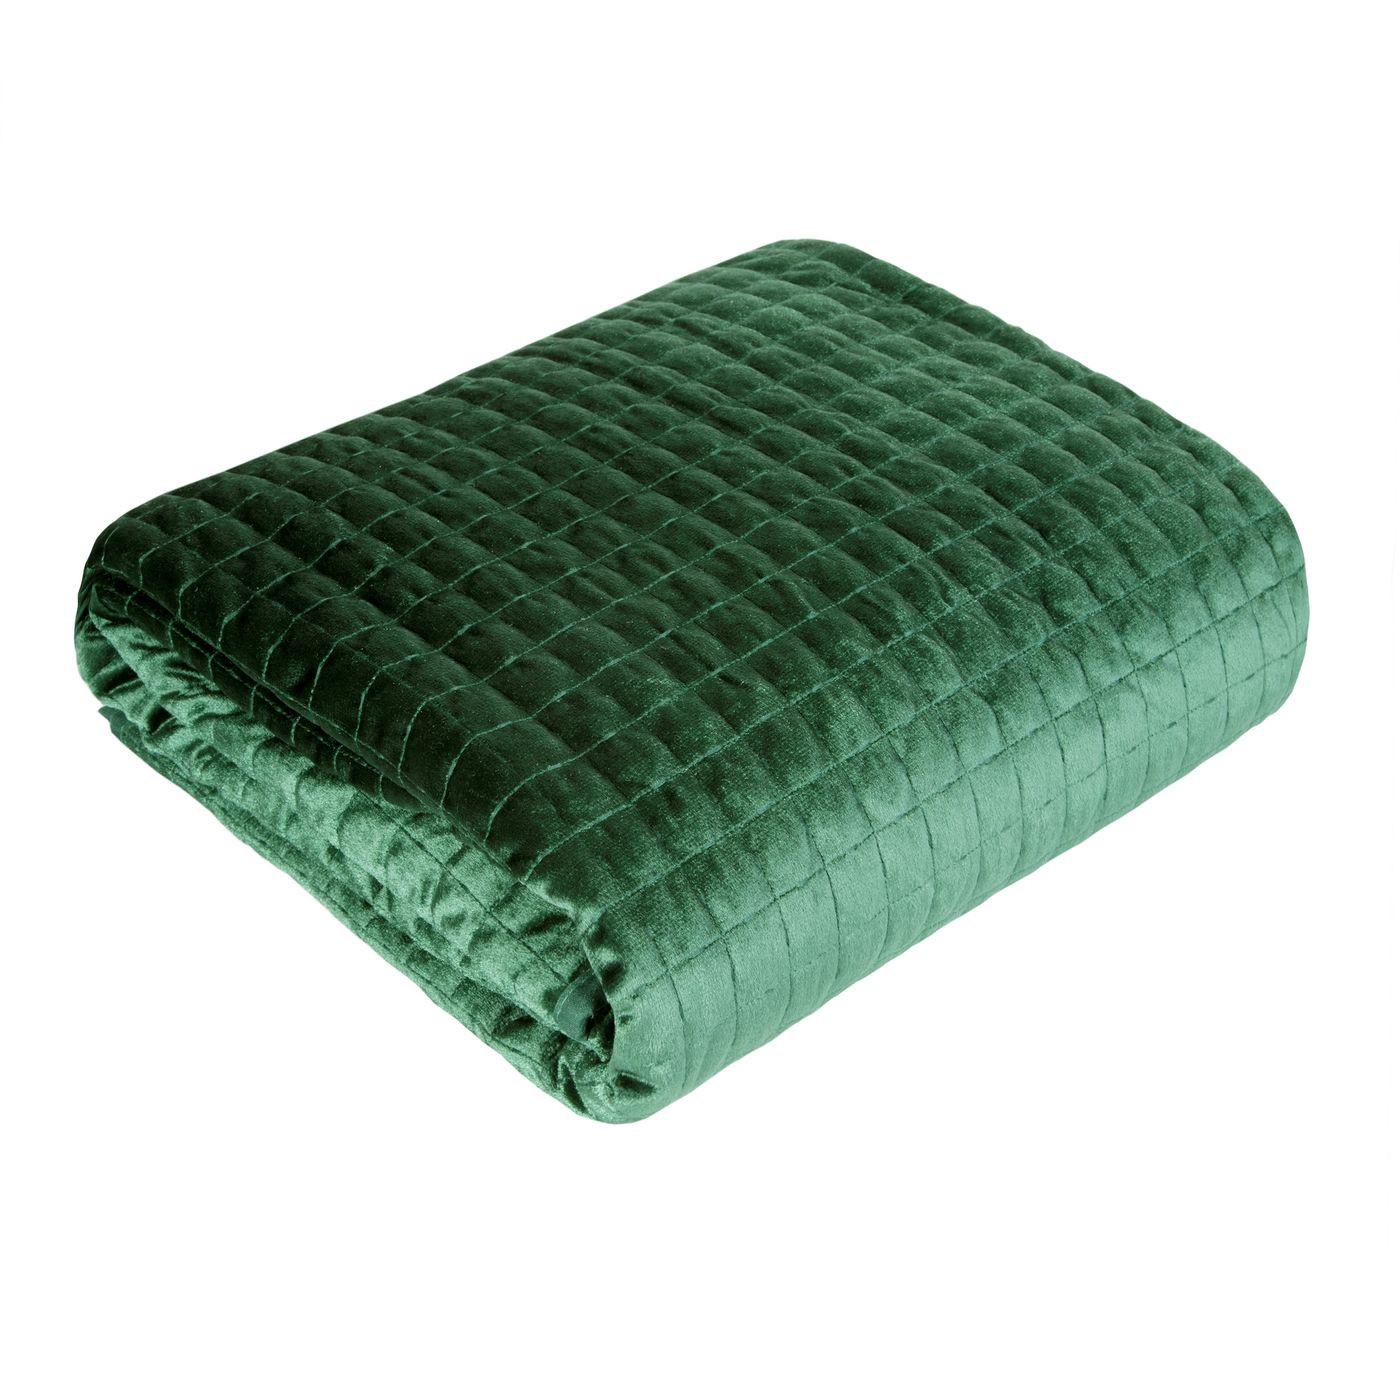 Welwetowa narzuta pikowana ciemno zielona 170x210 cm